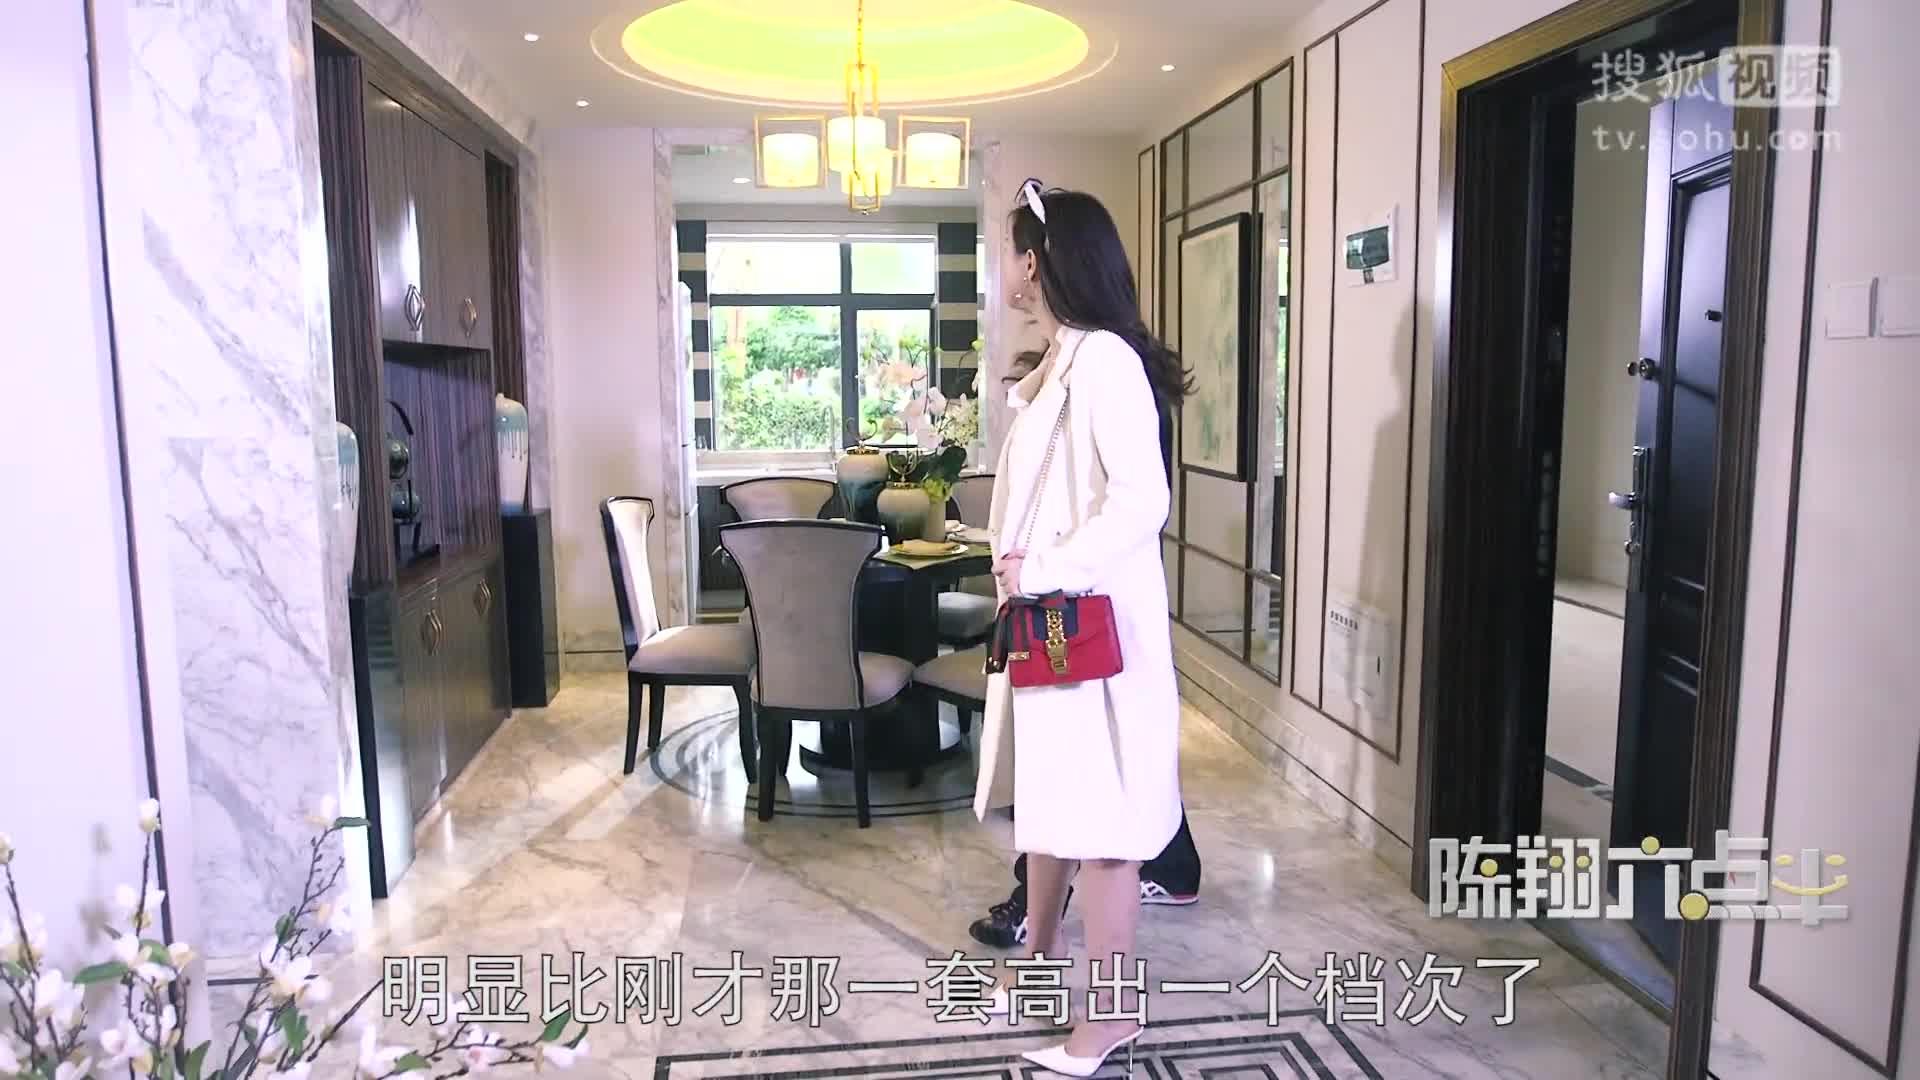 《陈翔六点半》第103集 拜金女迷恋豪宅甘心为房献身